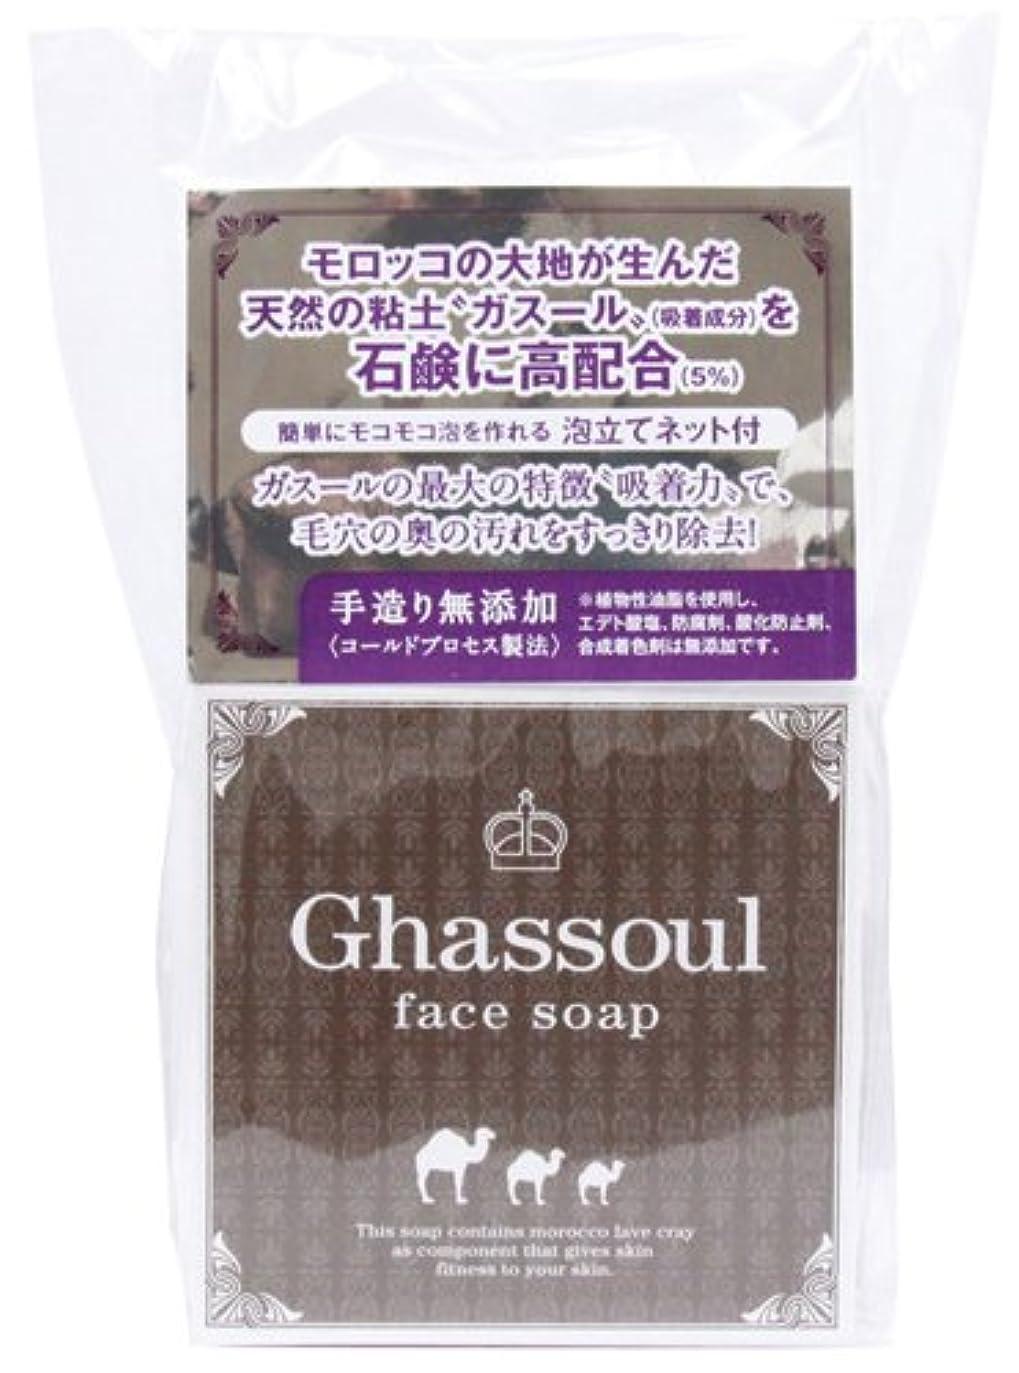 食物バスルーム肺炎進製作所 Ghassoul face soap ガスールフェイスソープ 洗顔 100g